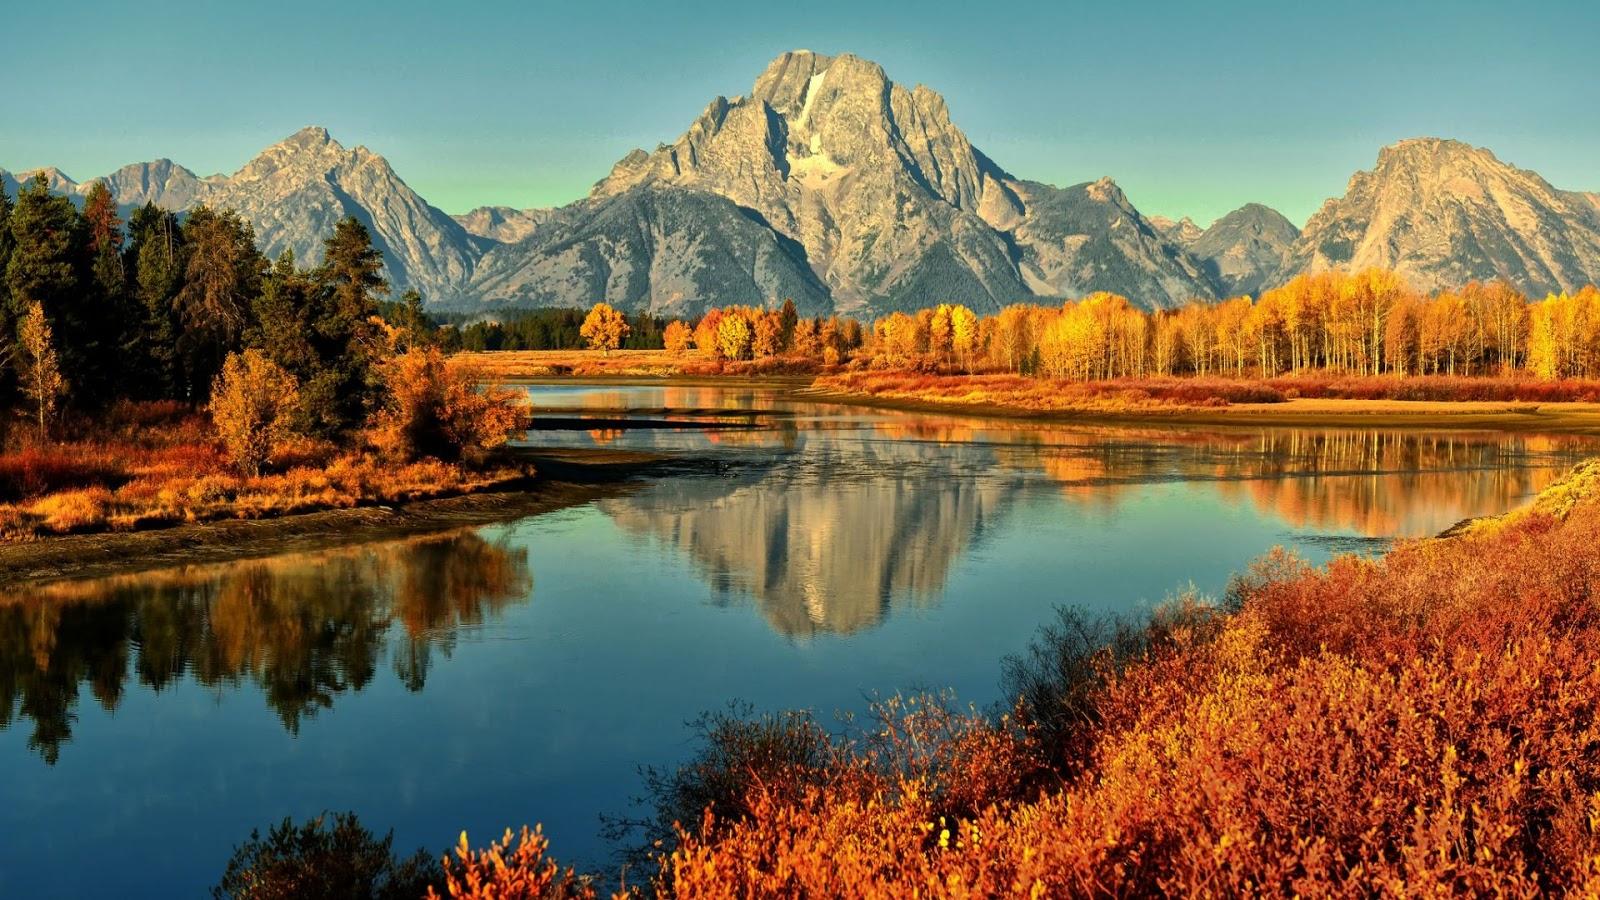 hình ảnh thiên nhiên phong cảnh đẹp (5)